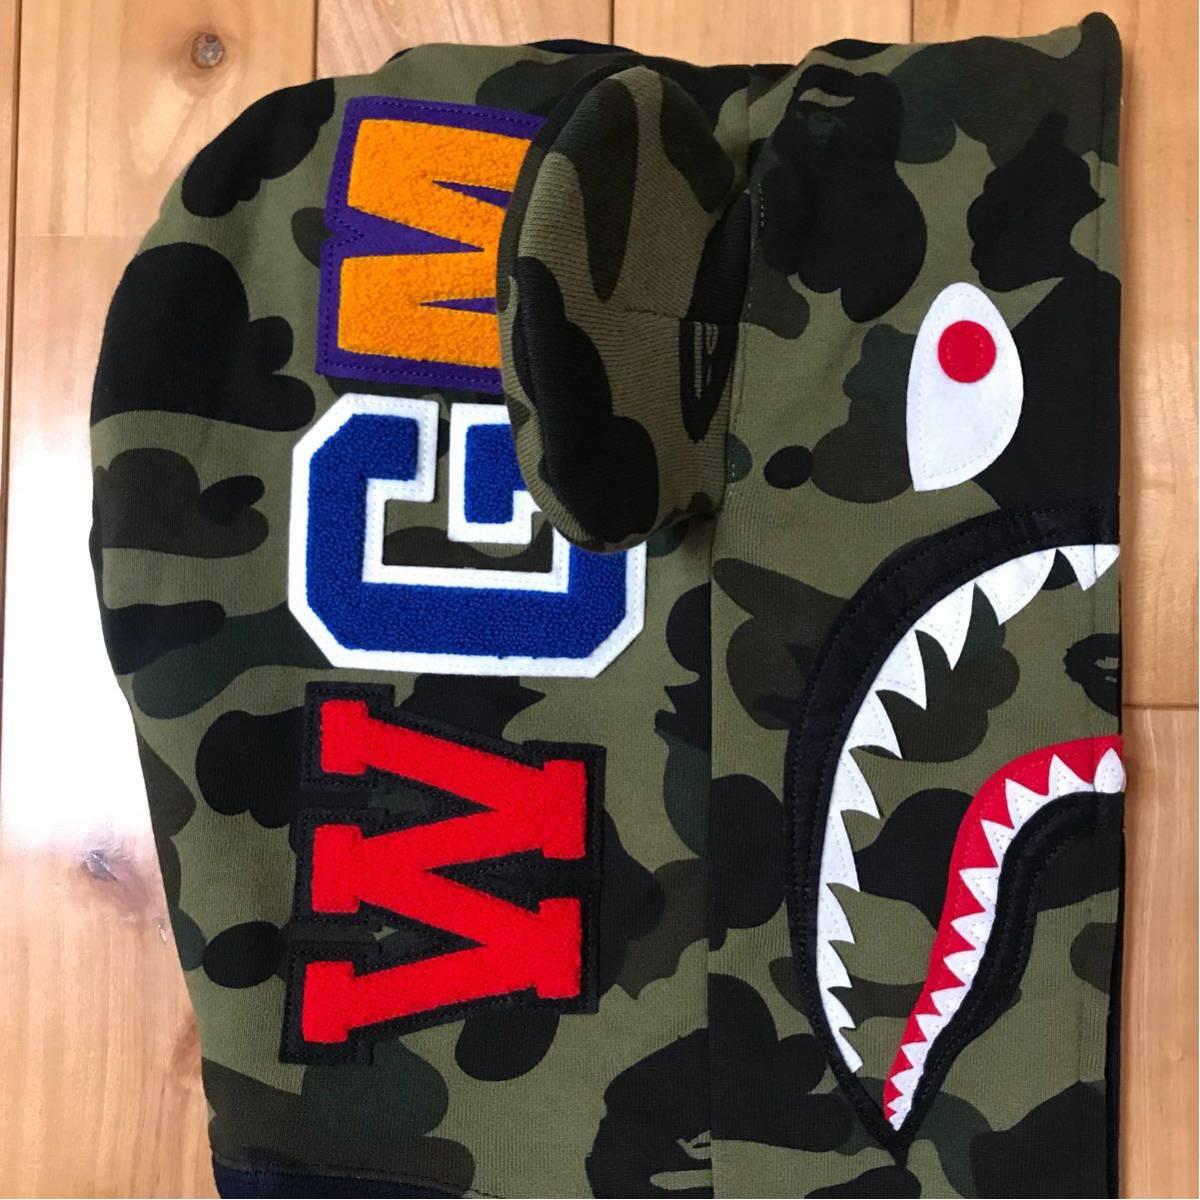 ★新品★ ベアブリック シャーク パーカー L shark full zip hoodie a bathing ape bape エイプ ベイプ medicom toy メディコムトイ WGM_画像3